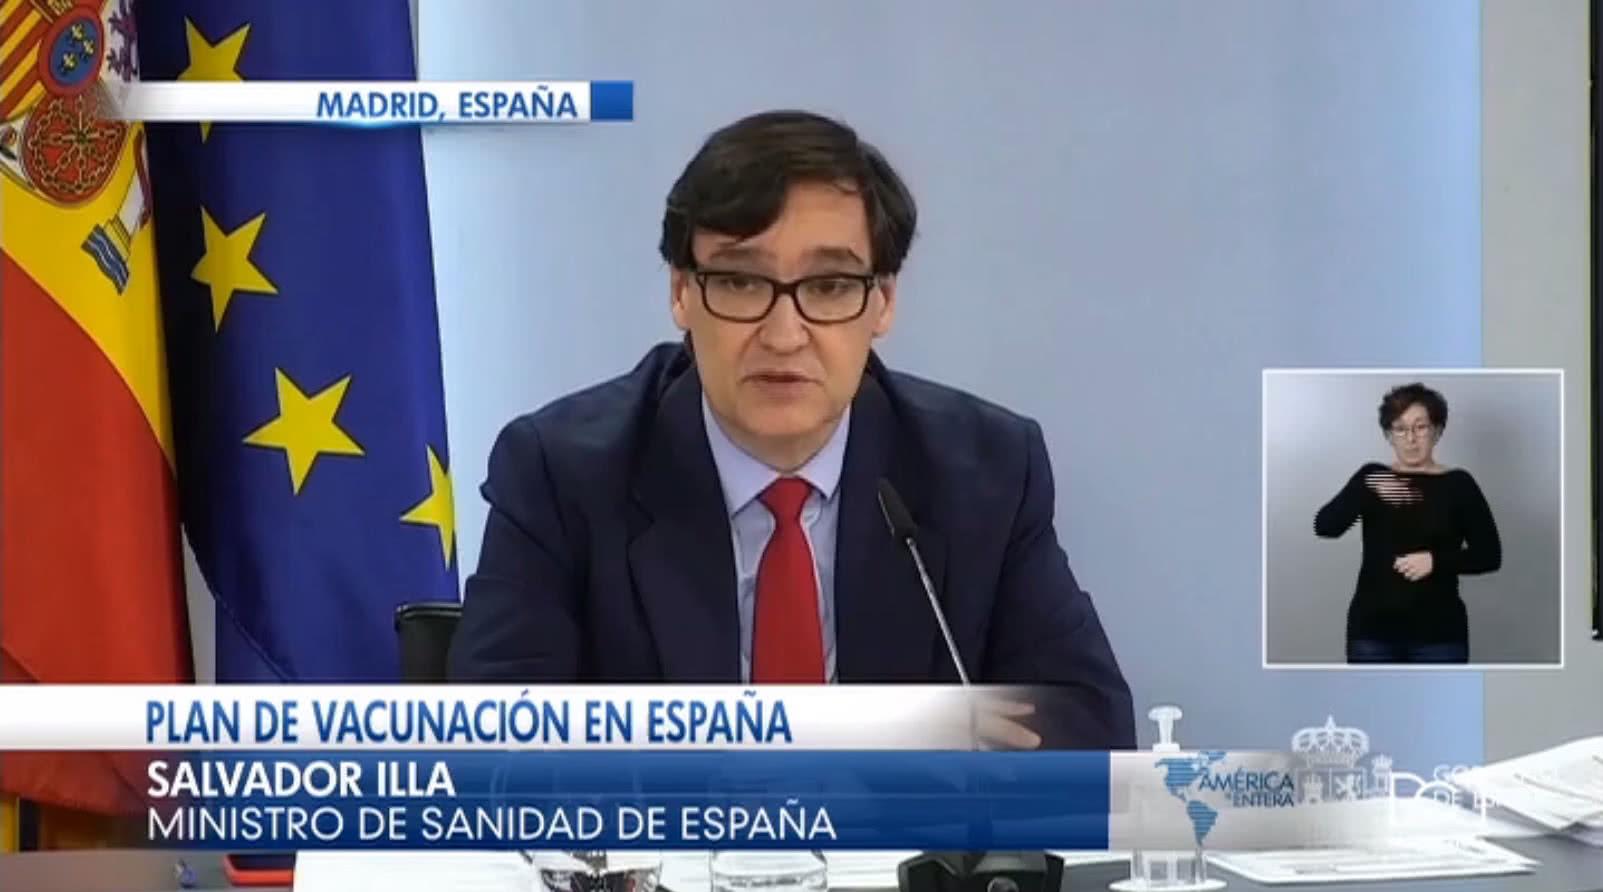 España presenta el plan de vacunación contra el Covid-19